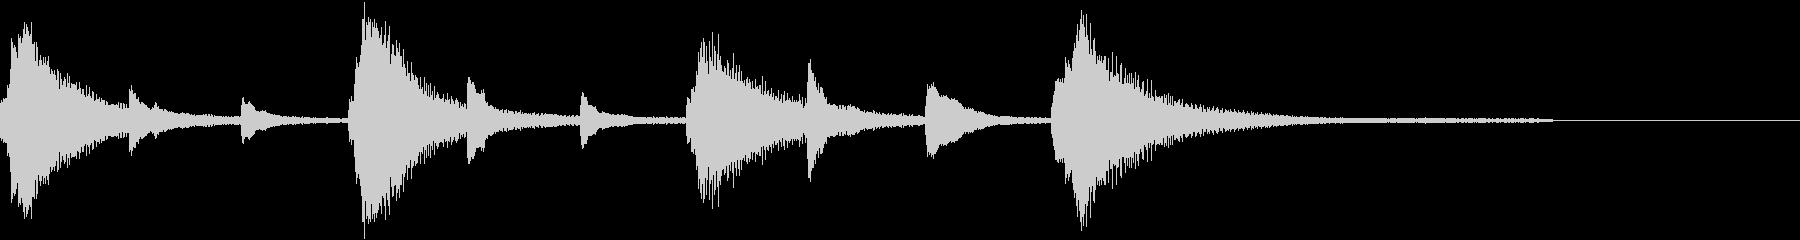 きれいなピアノのジングル6の未再生の波形